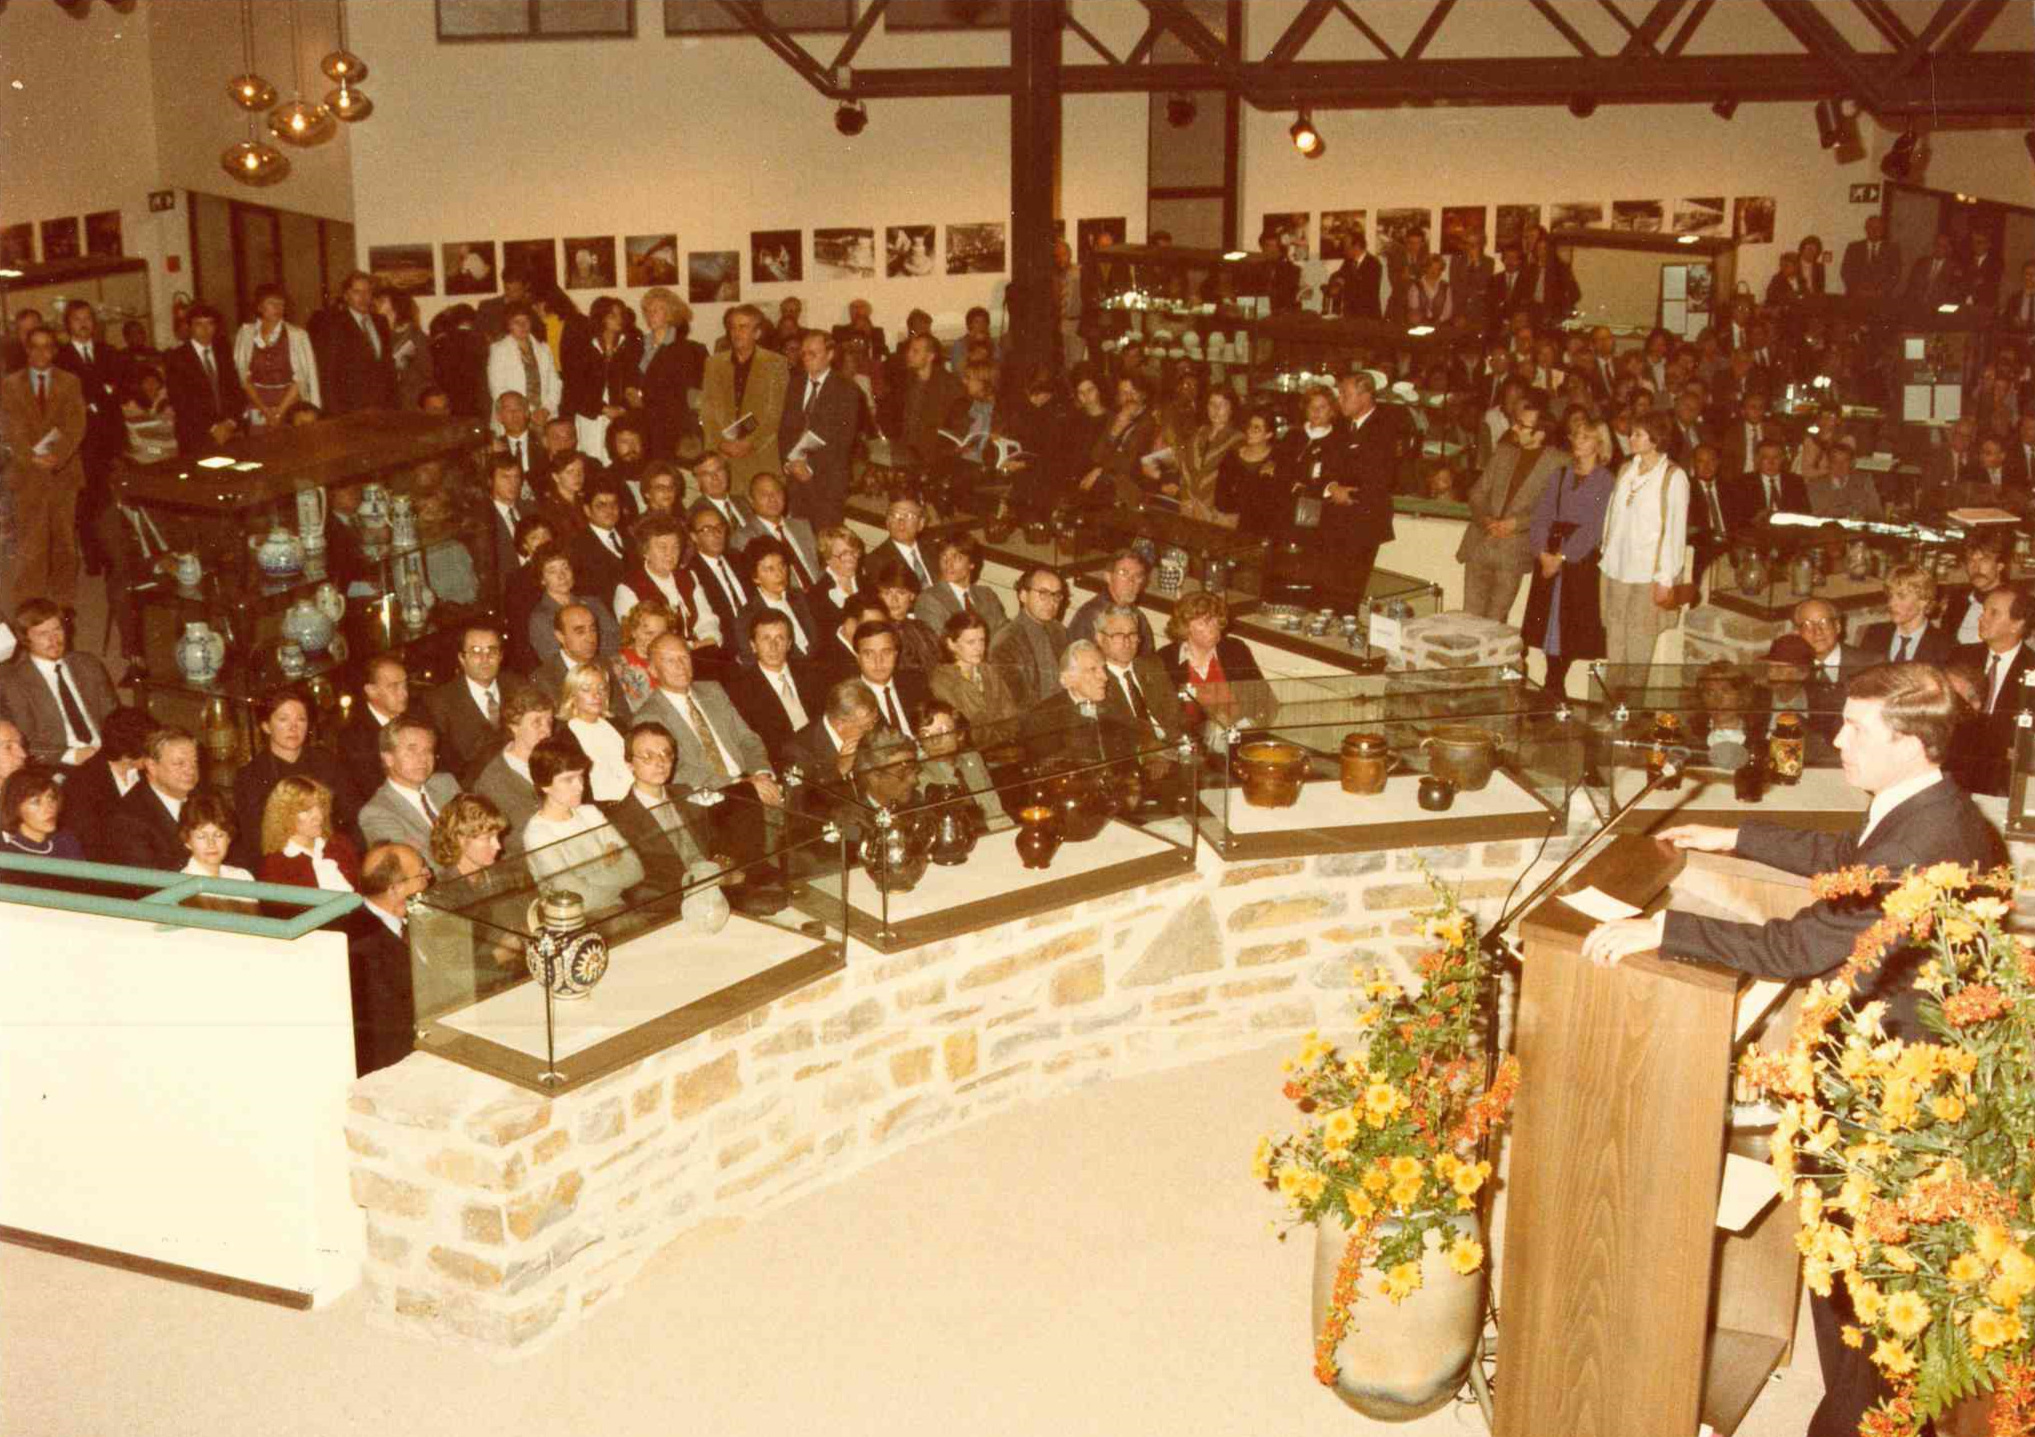 Eröffnung des Neubaus und des Westerwaldpreises 22.10.1982. Bild: Fotostudio Baumann GmbH